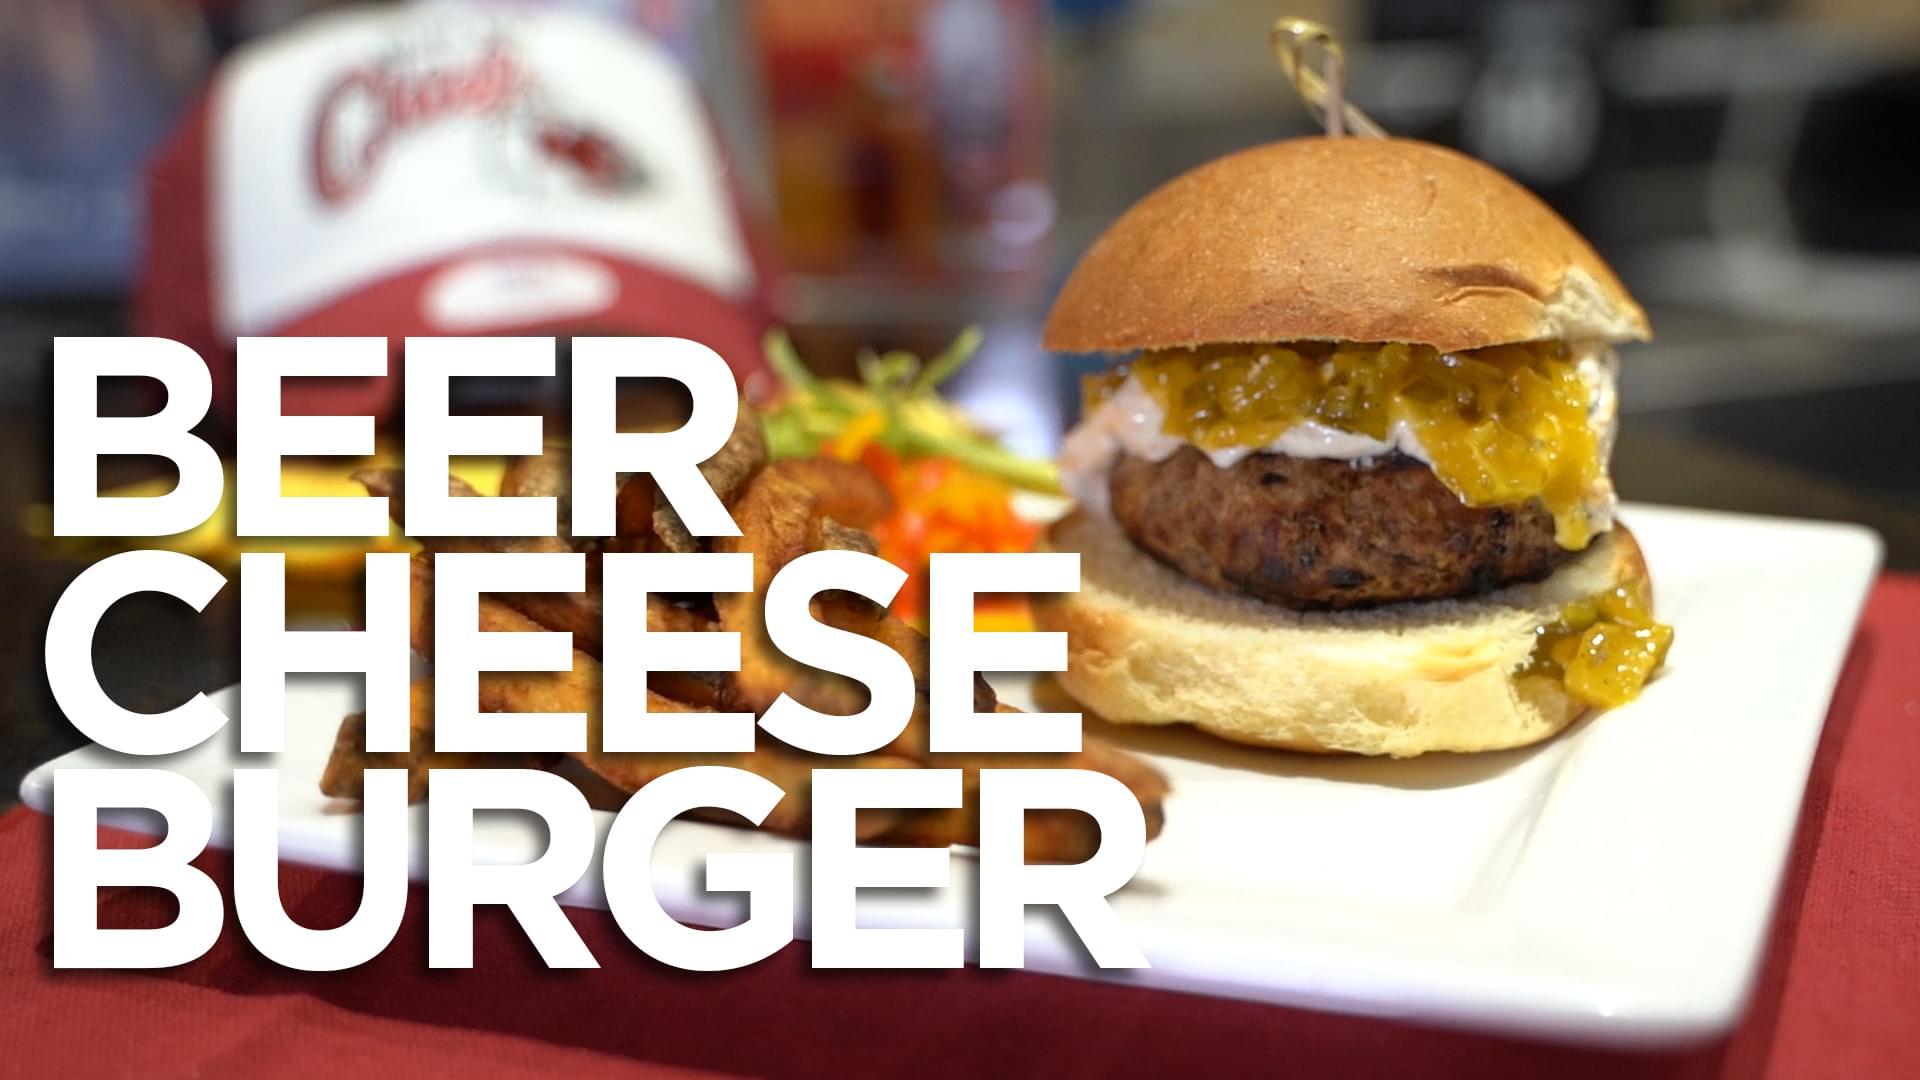 HyVee Week 9 Burger of the Week: Beer Cheese Burger